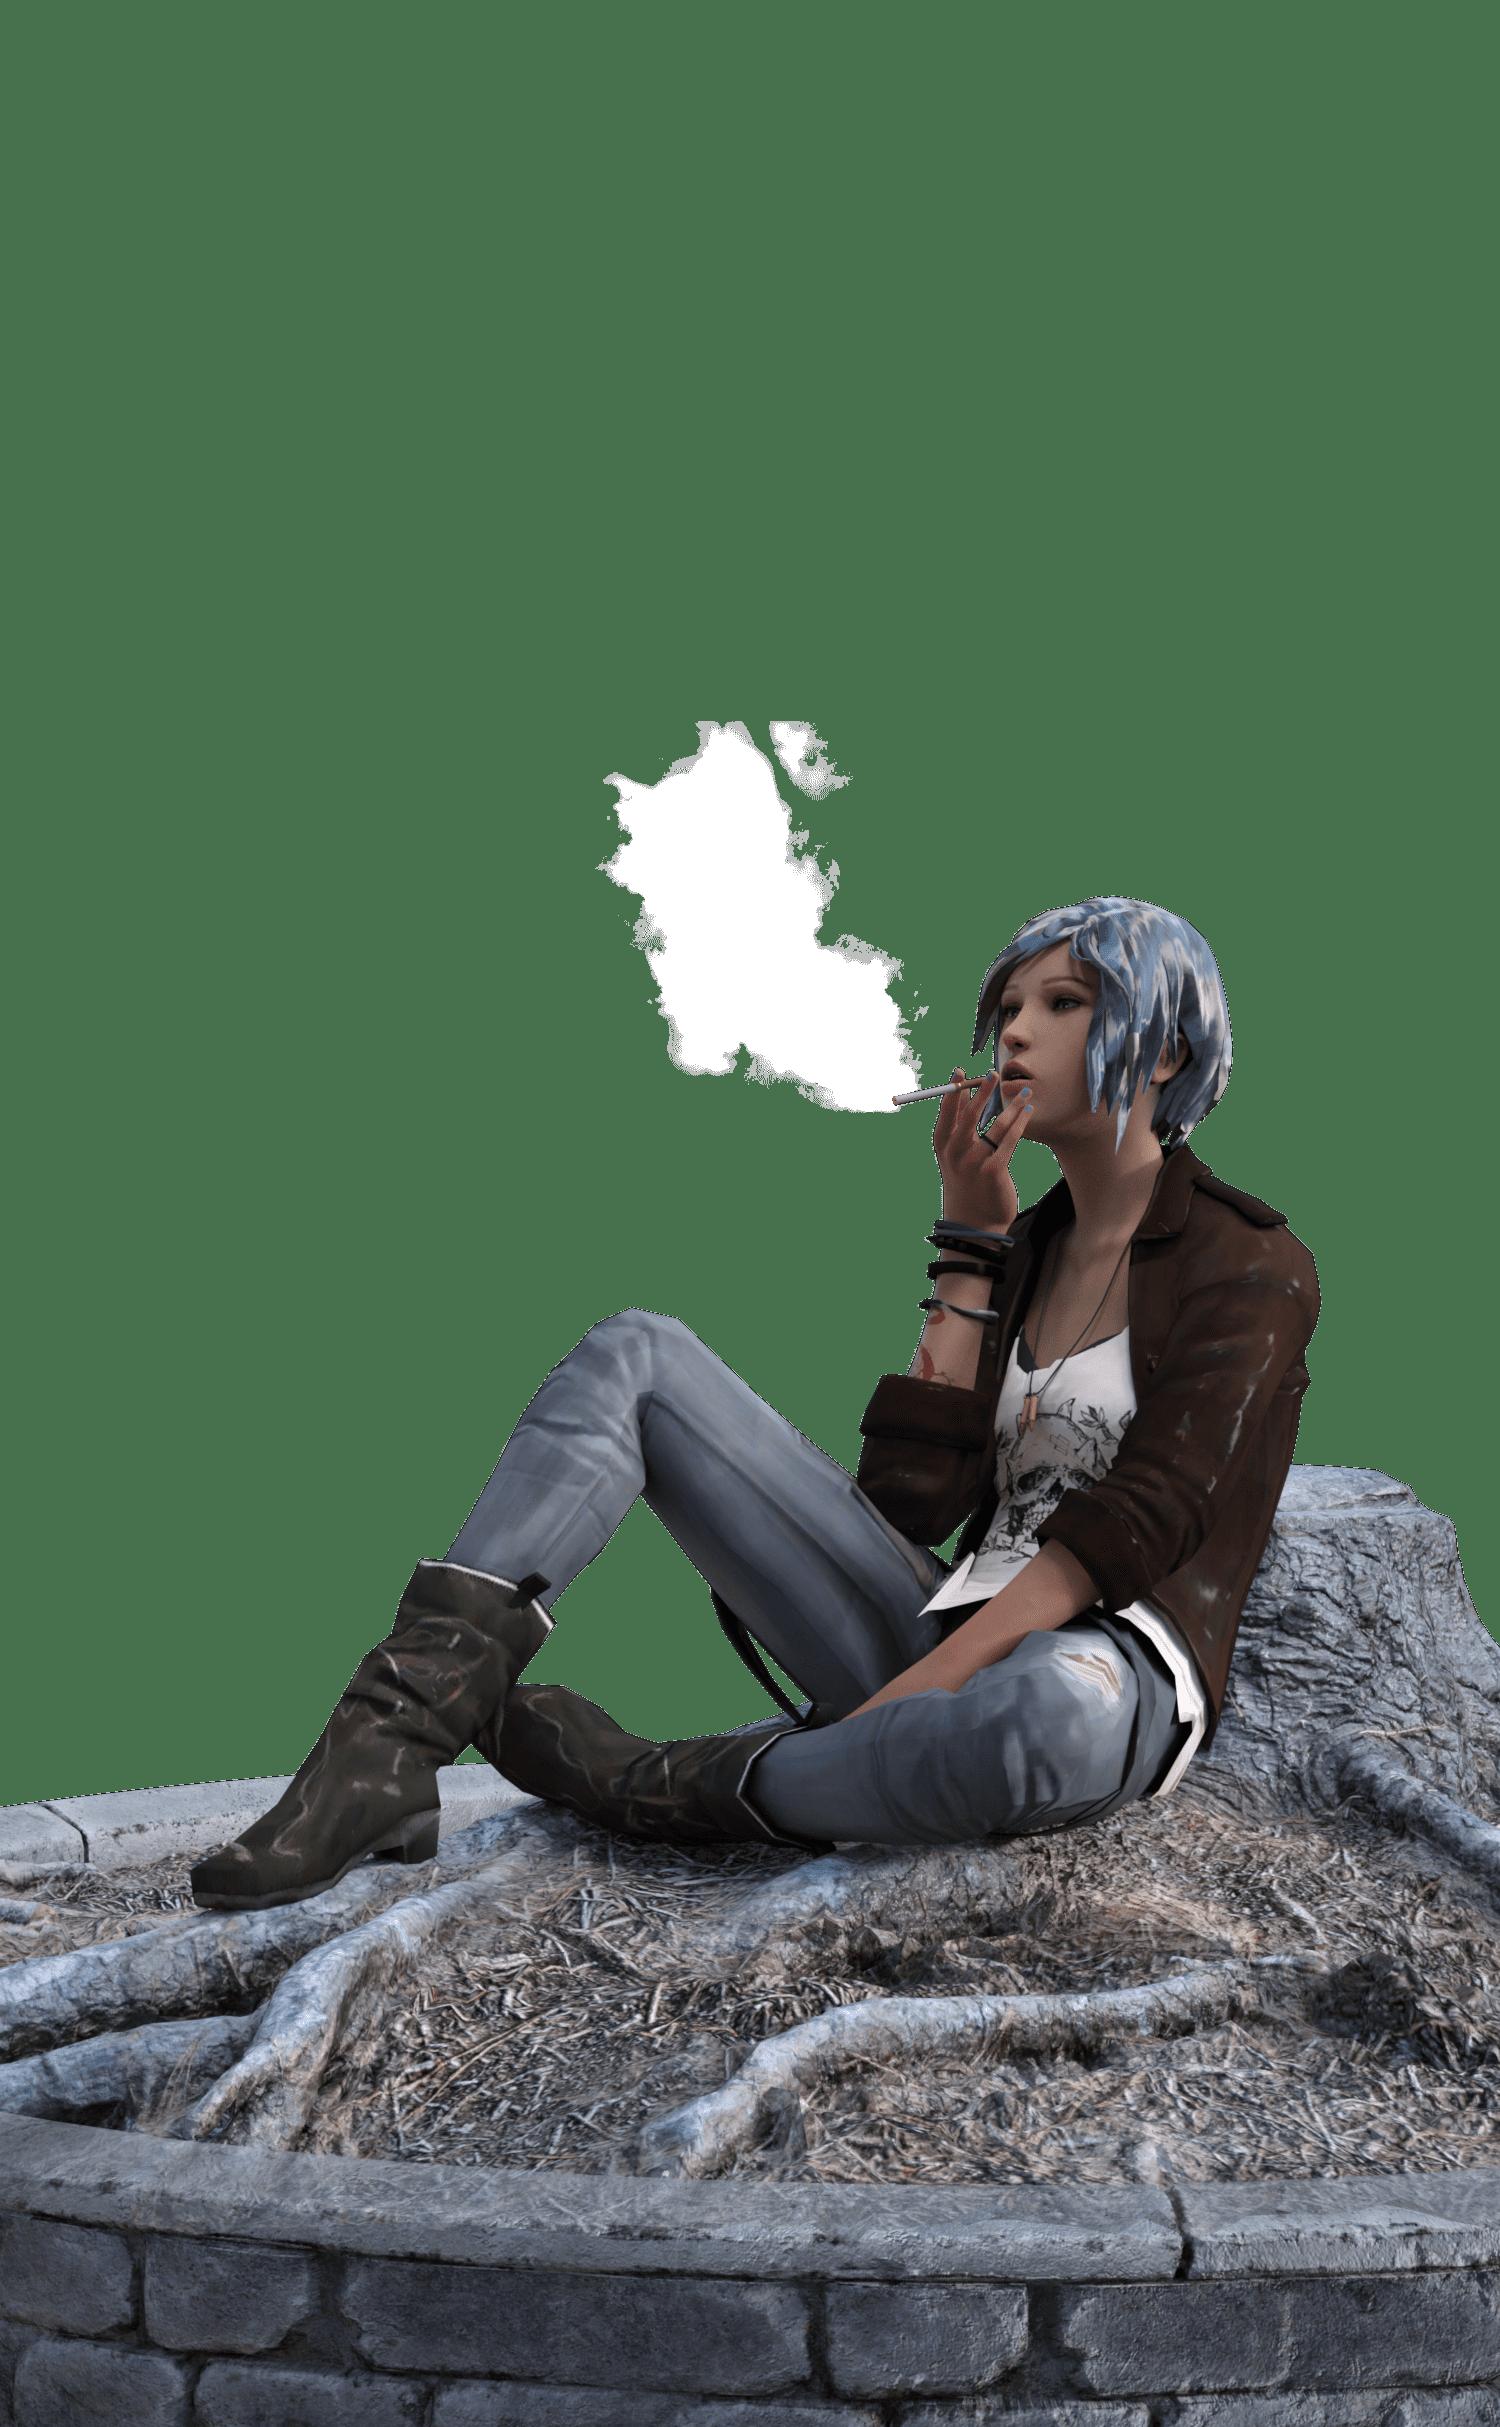 Life Is Strange Chloe Price in Daz G8F_DAZ3D下载站